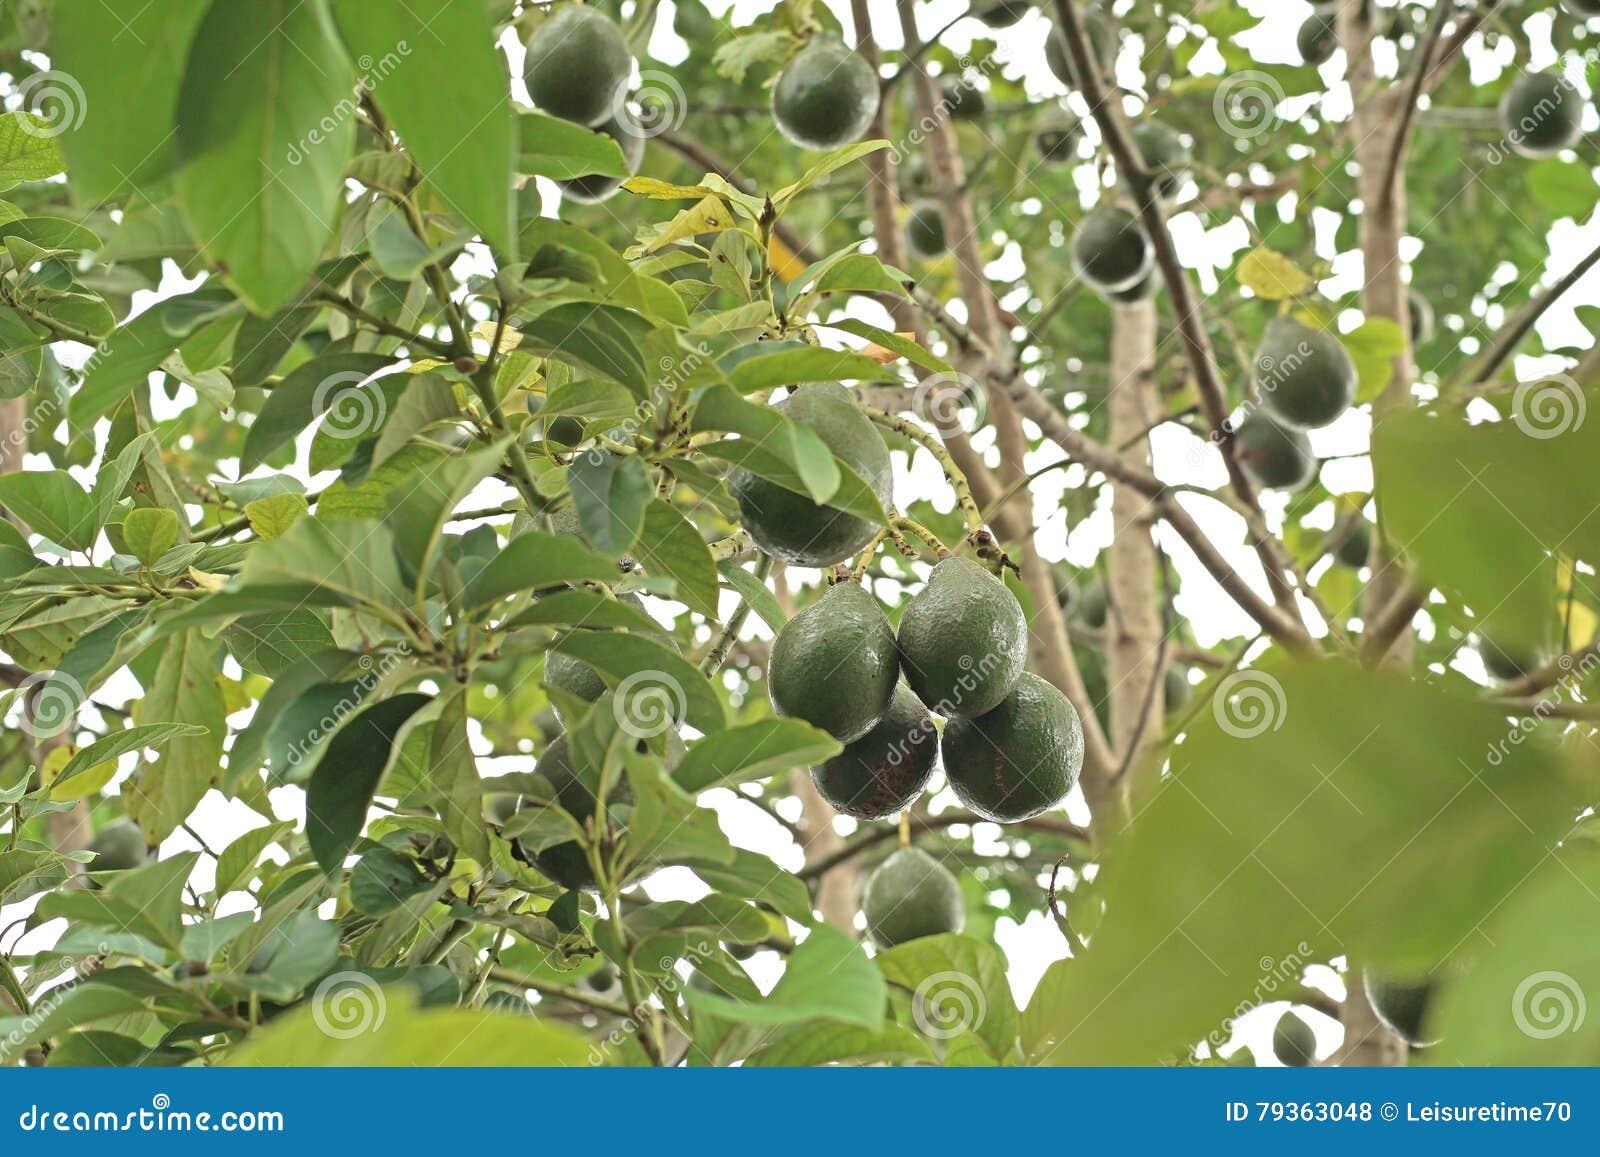 guacamole de palta d'avocat sur l'arbre photo stock - image du fruit